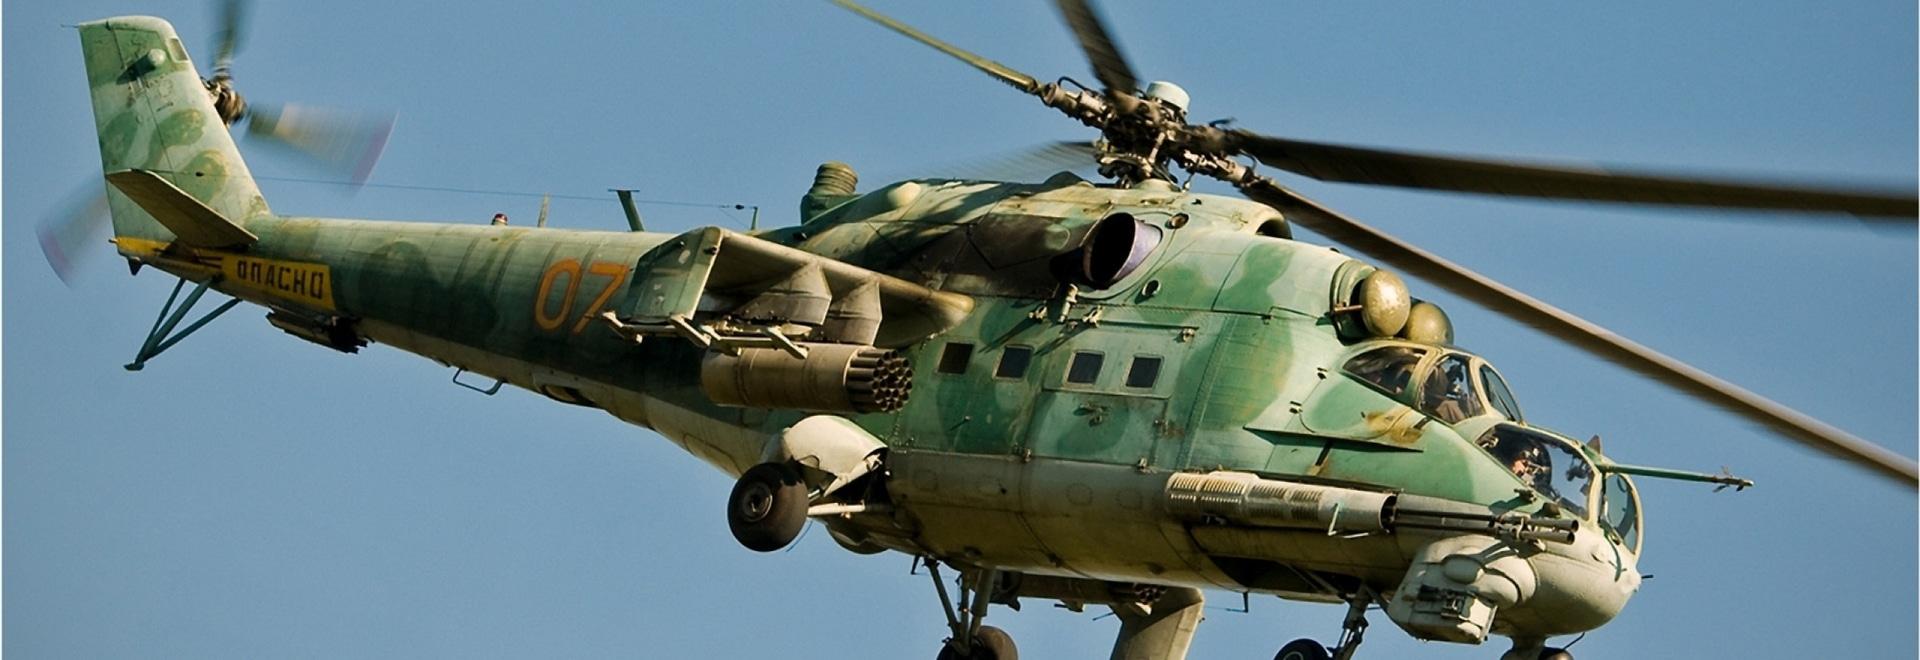 Elicottero 8 : Come elicottero che ripara le facilità per controllare la qualità